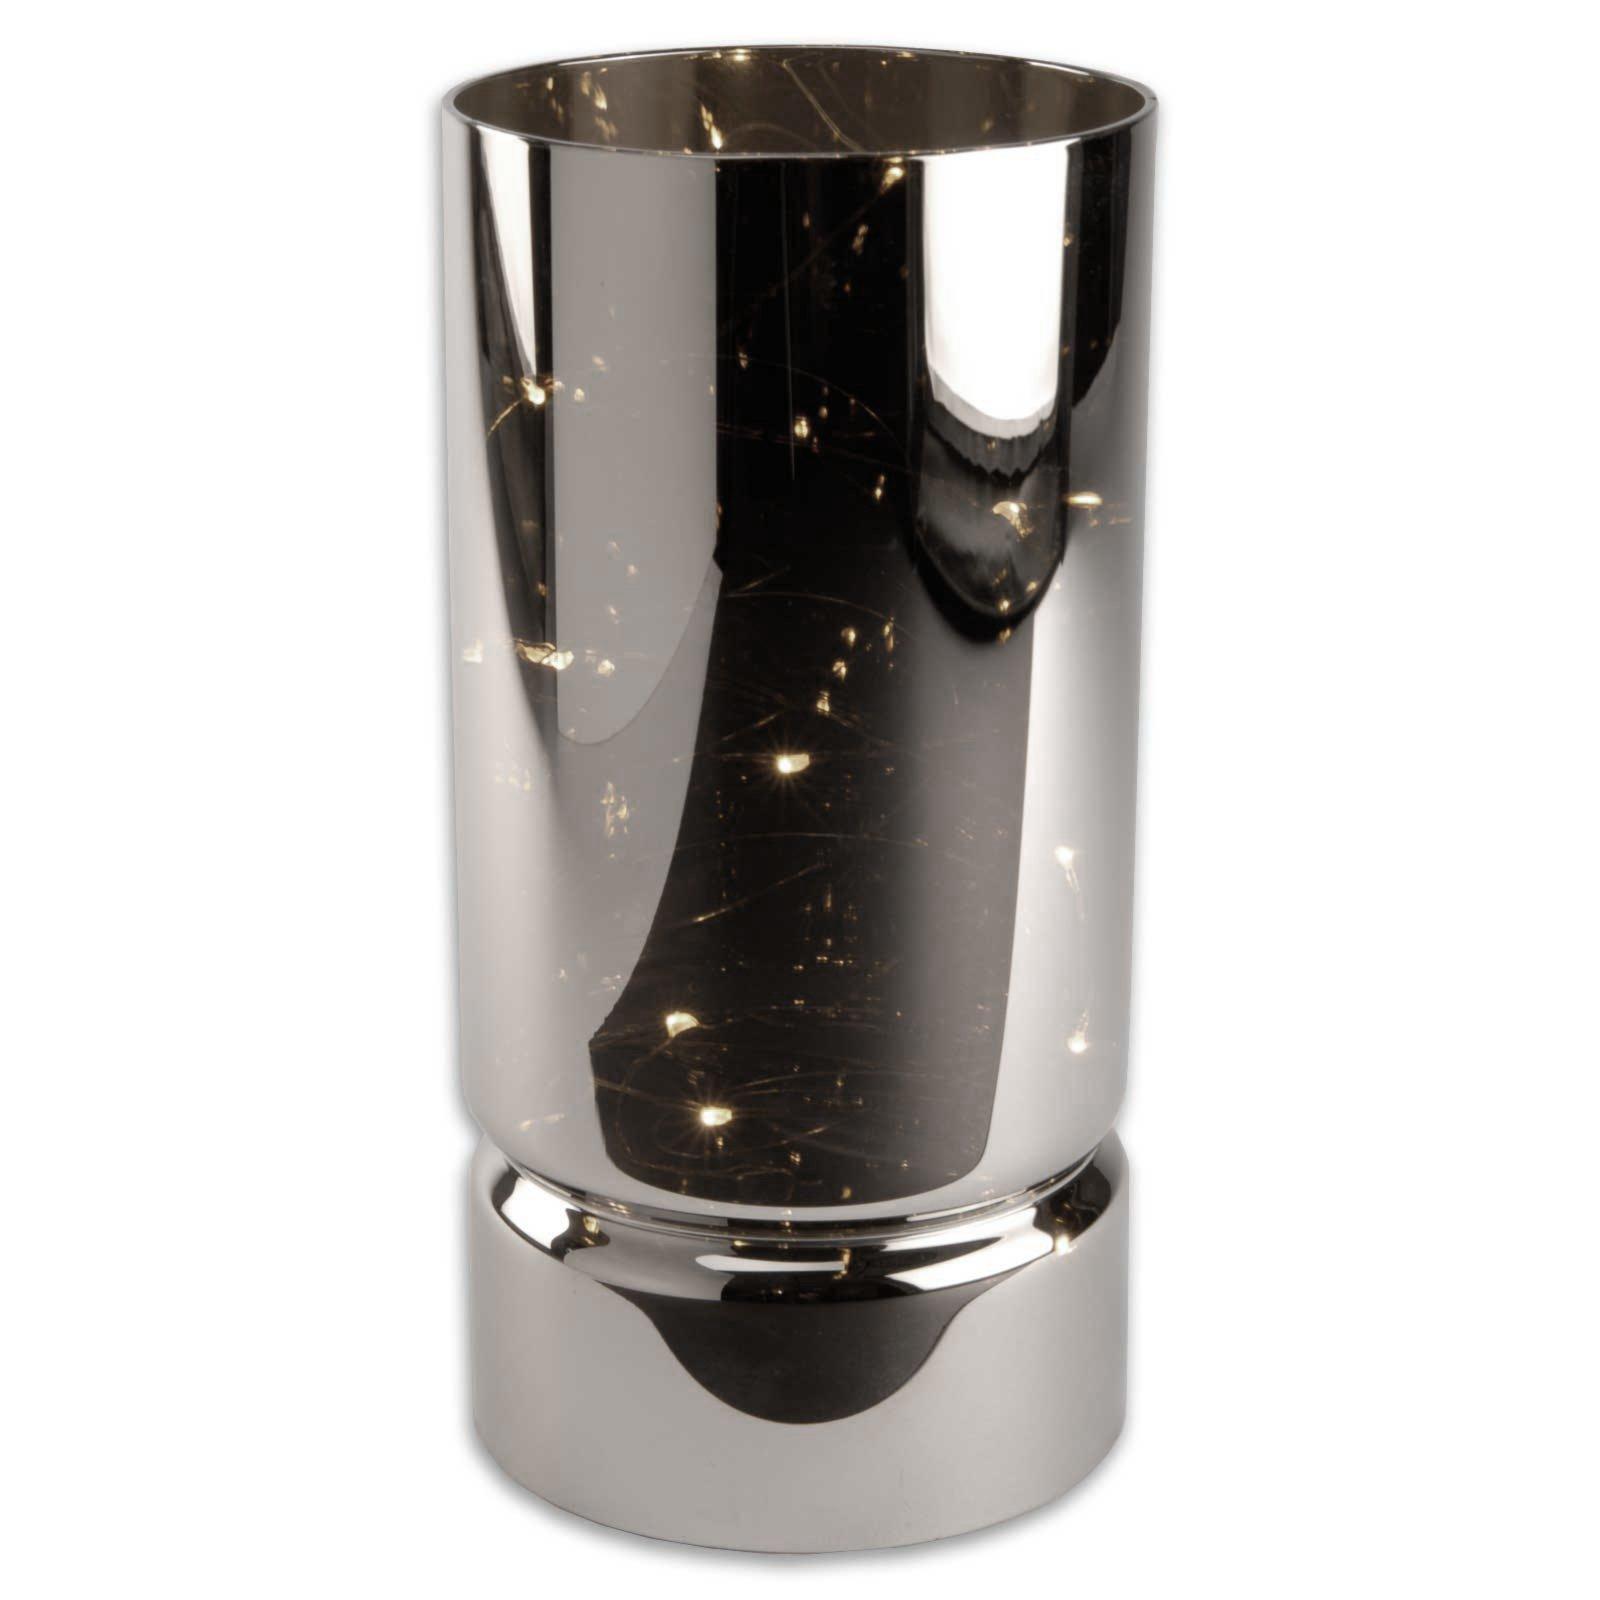 led windlicht silber glas 10 leds kerzen. Black Bedroom Furniture Sets. Home Design Ideas